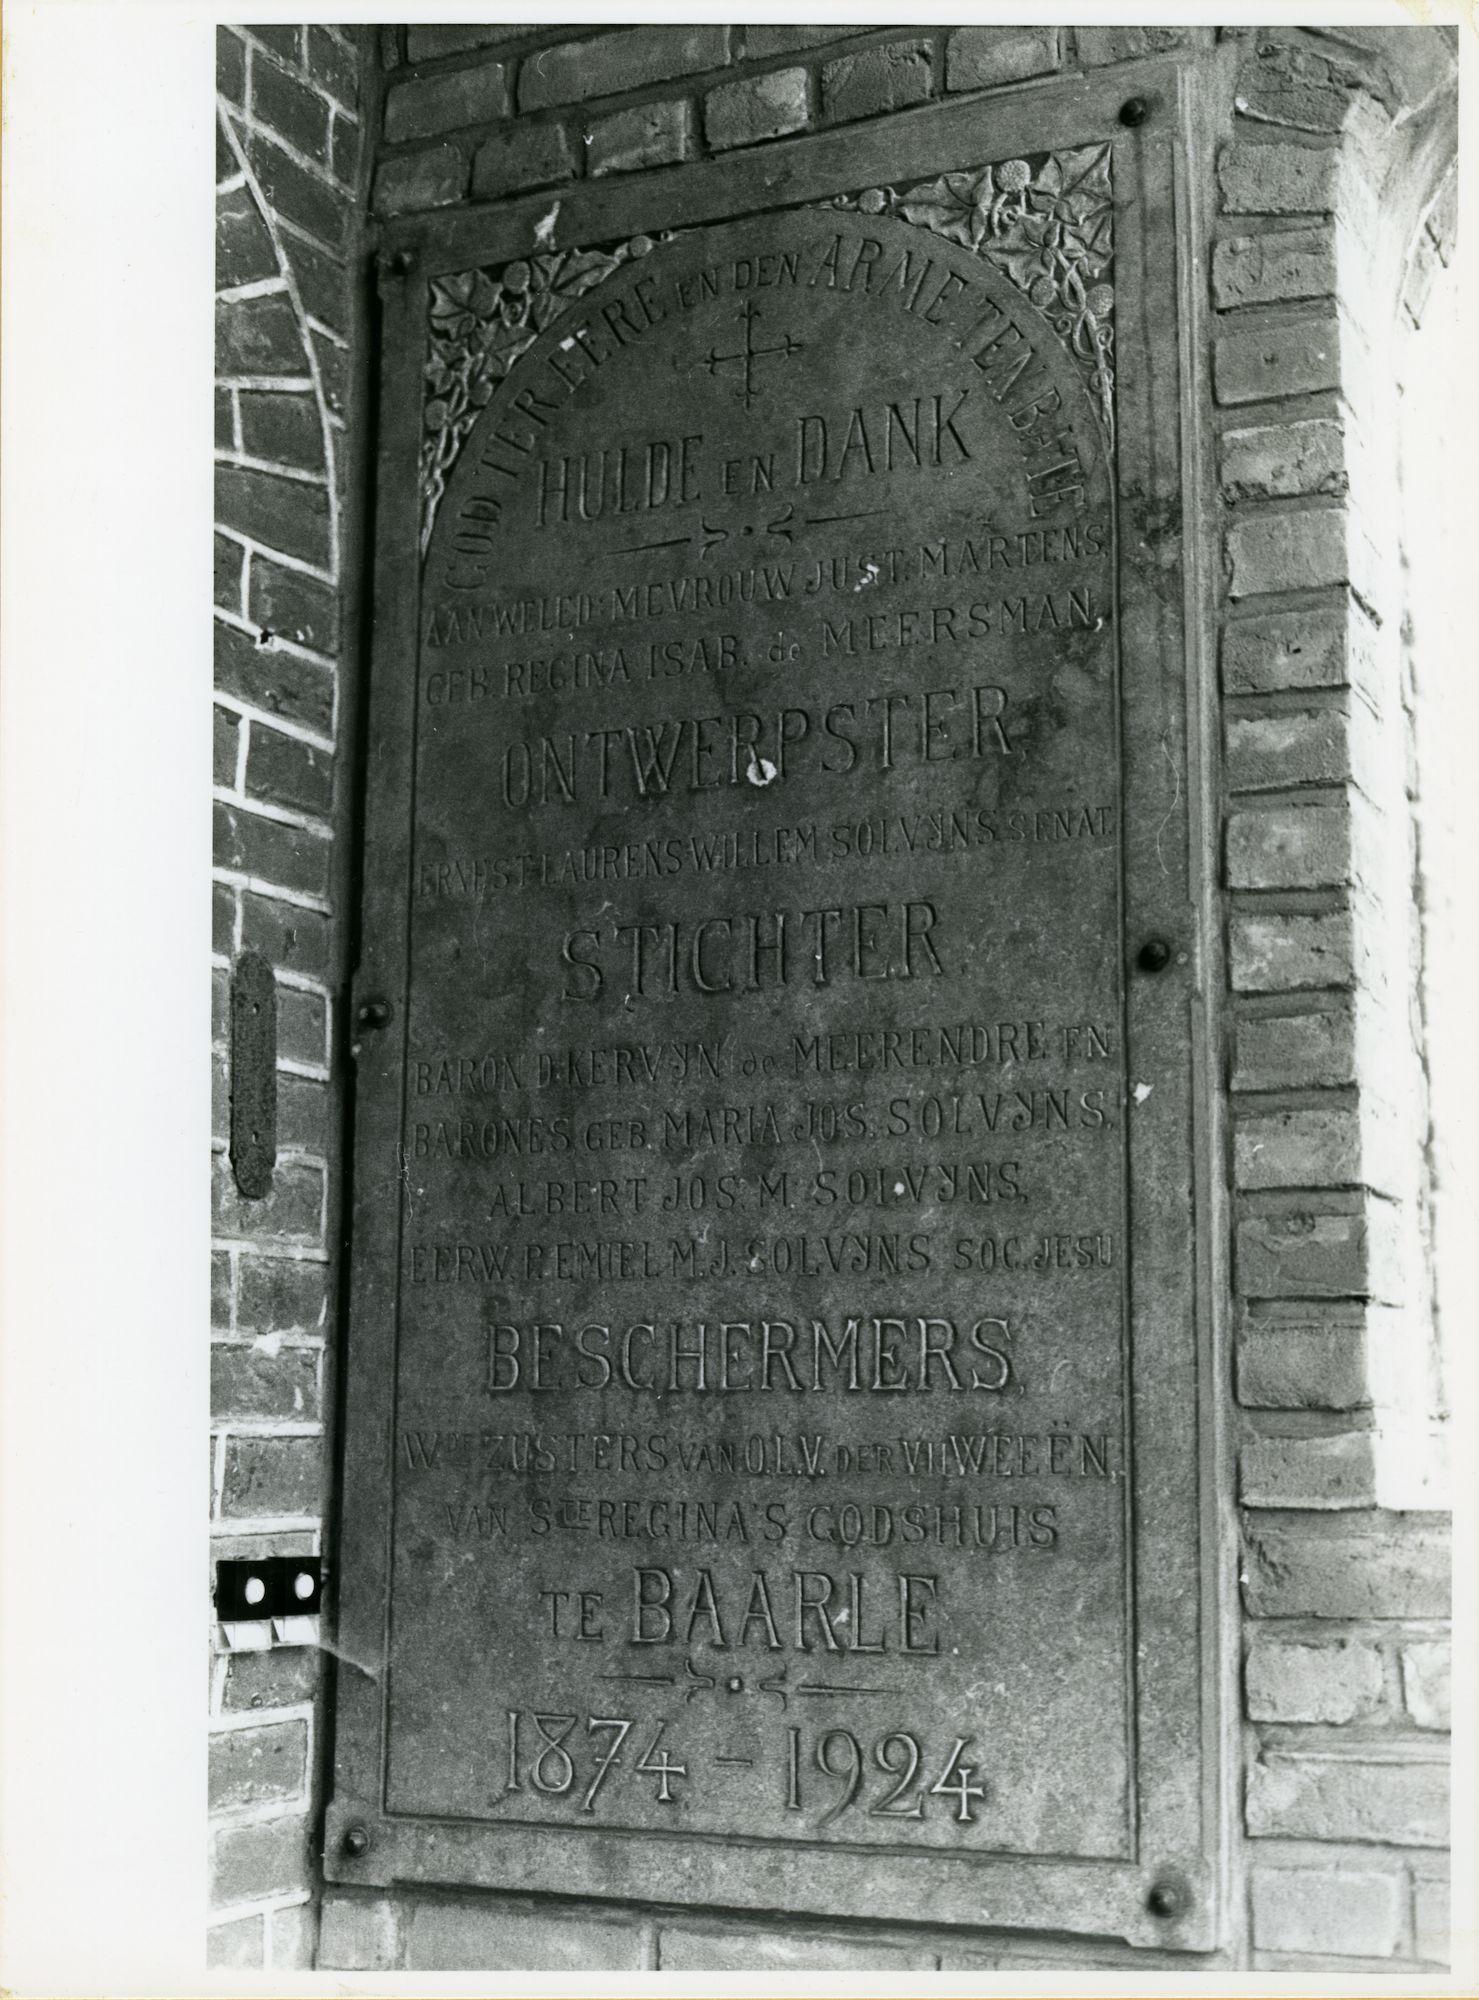 Drongen: Kloosterstraat 6: Gedenksteen, 1979